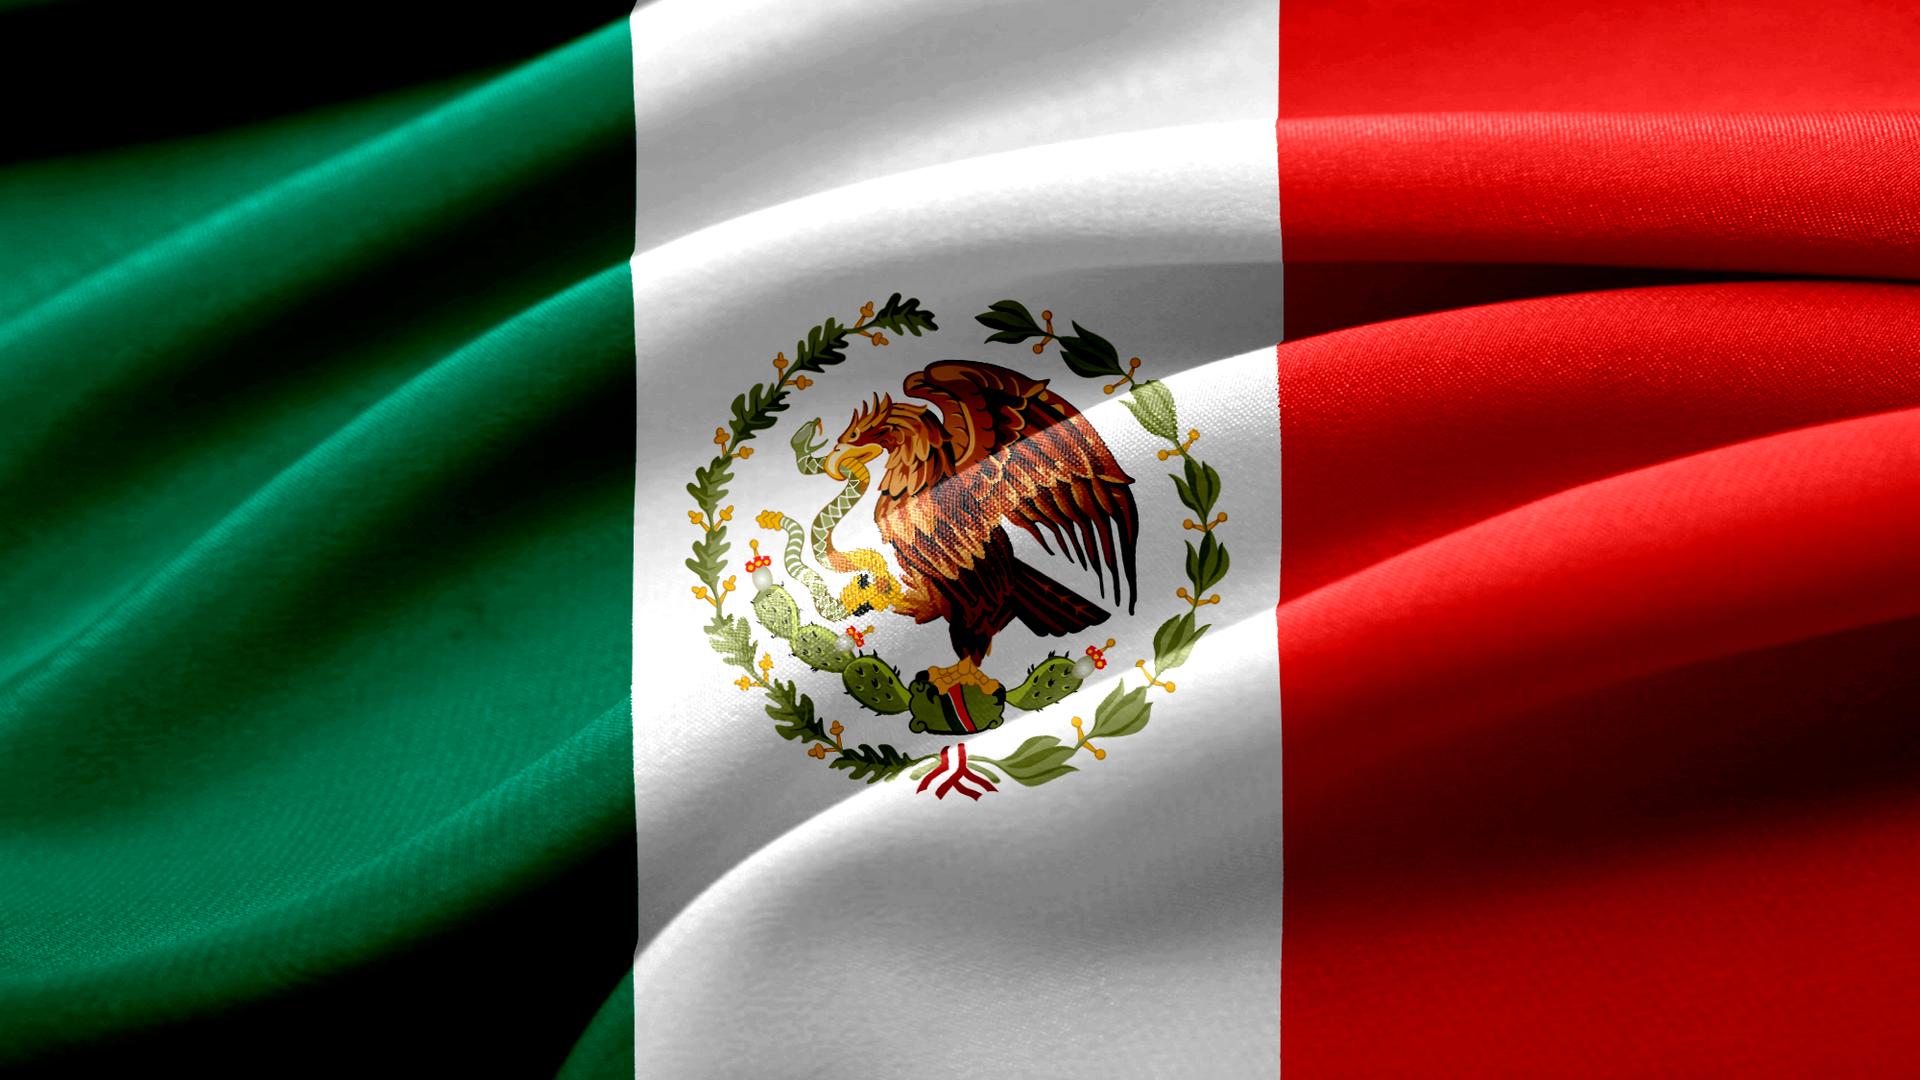 Bandera de México - Sputnik Mundo, 1920, 29.01.2021